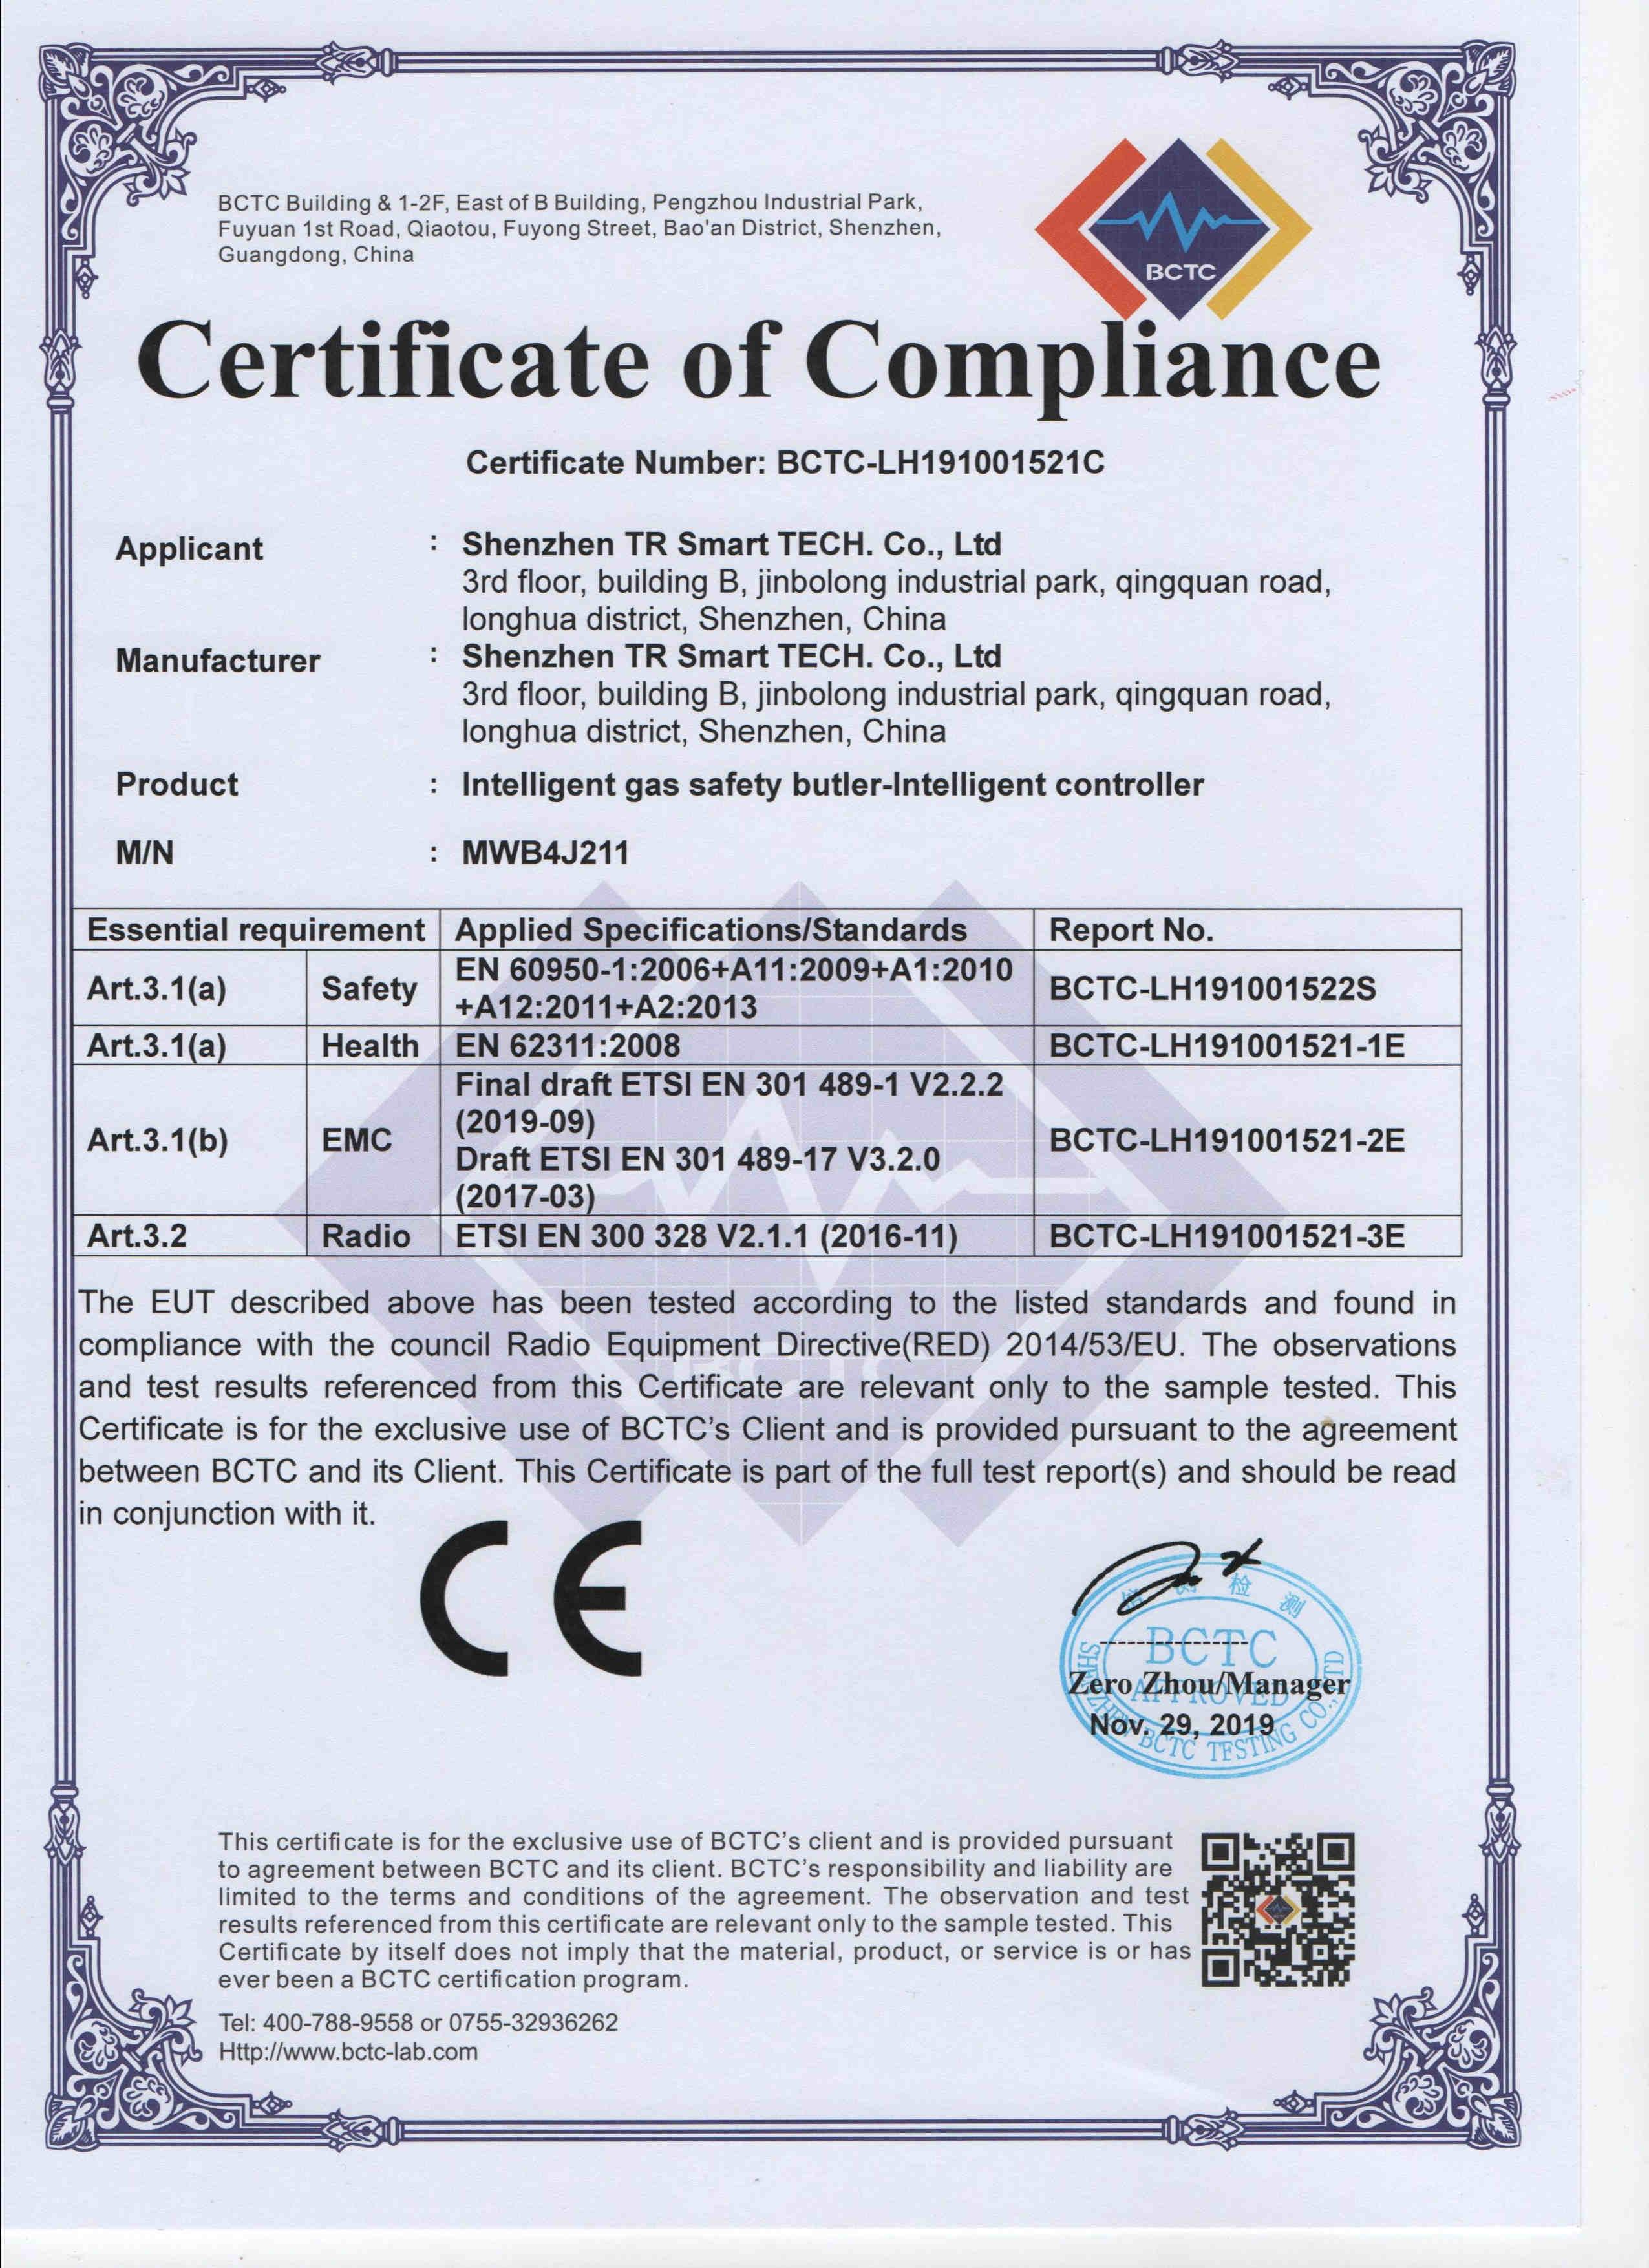 喜讯 热烈祝贺泰燃智能产品获得欧盟CE认证!